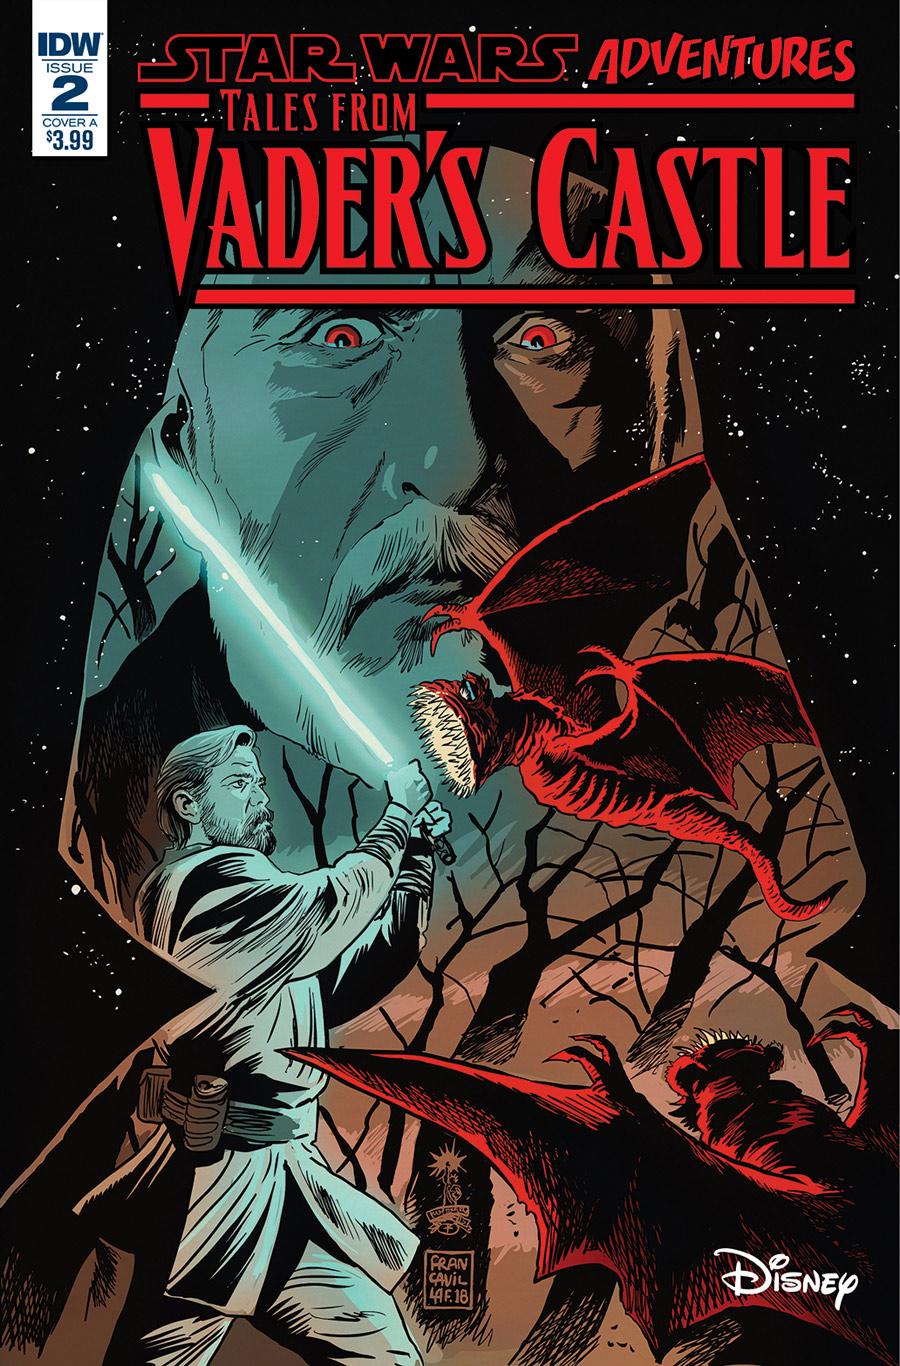 vader-castle-covera05.jpg